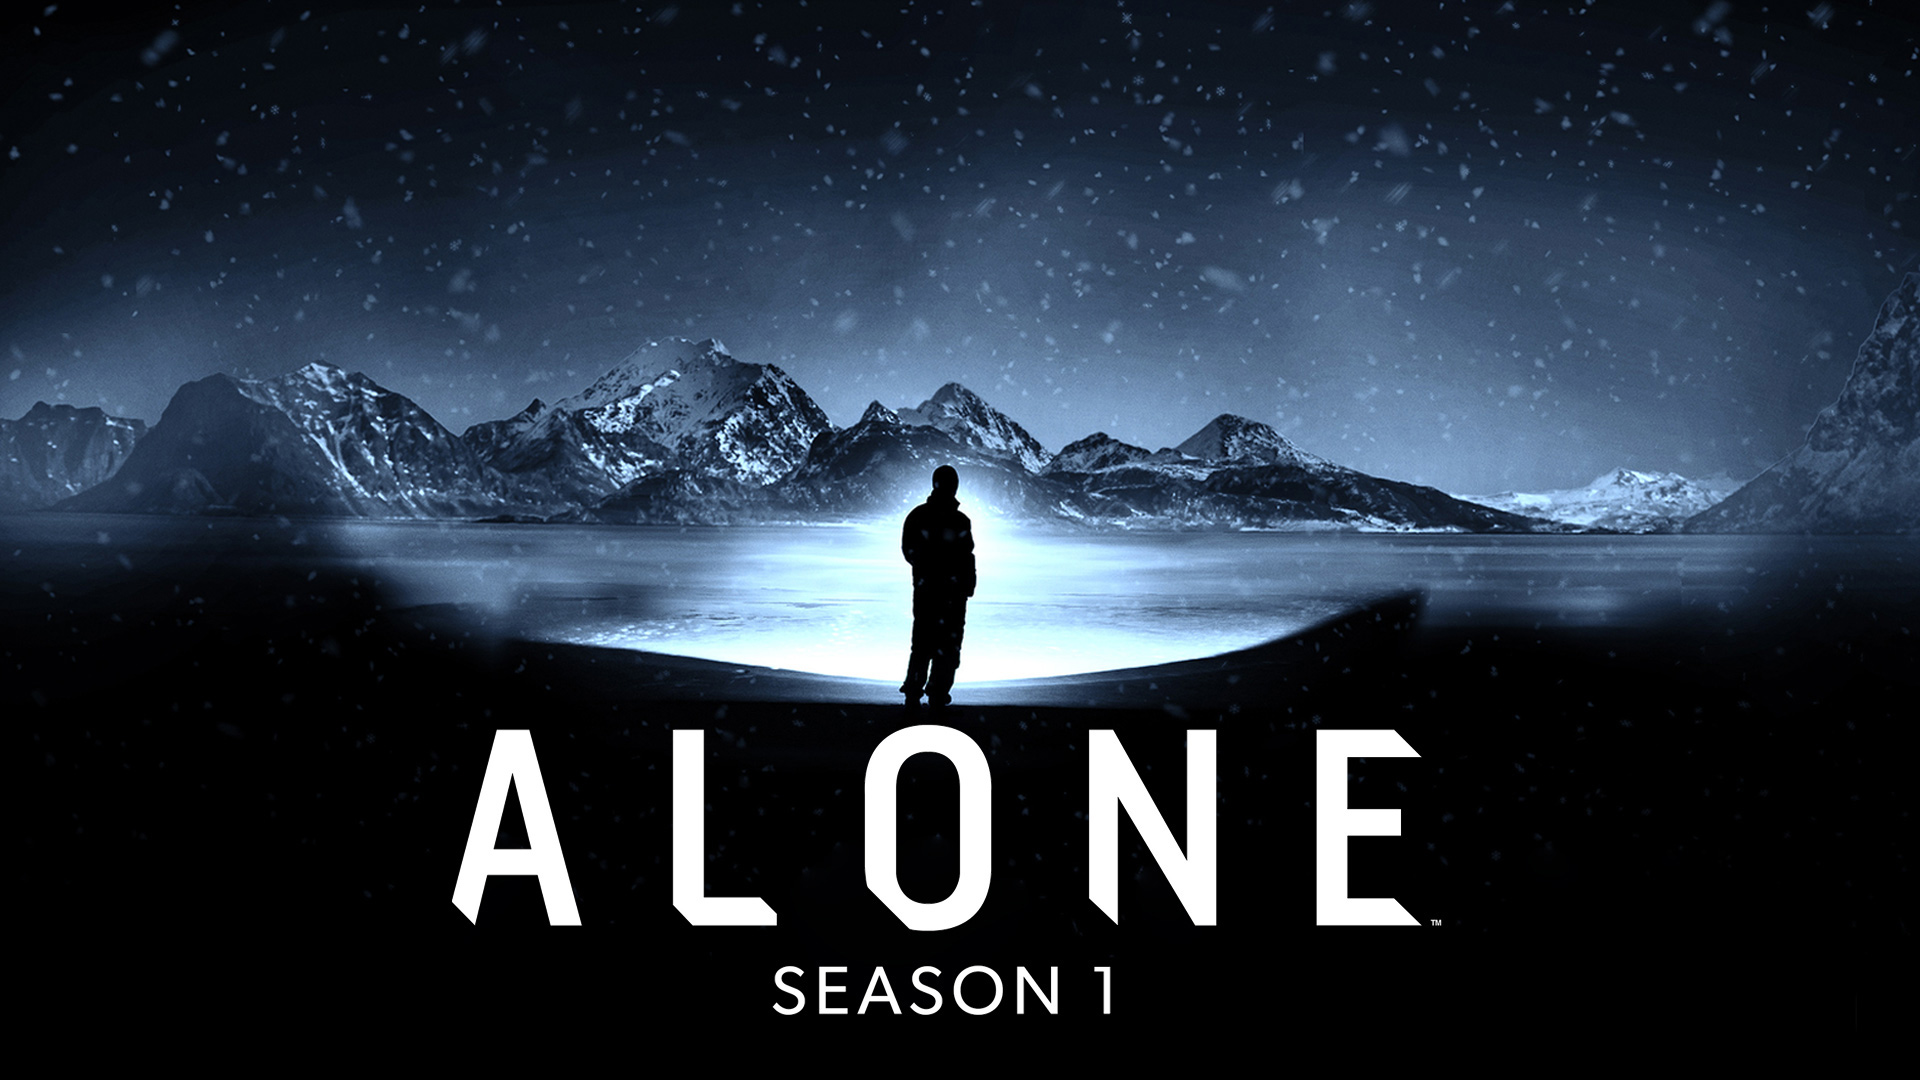 Alone - Season 1